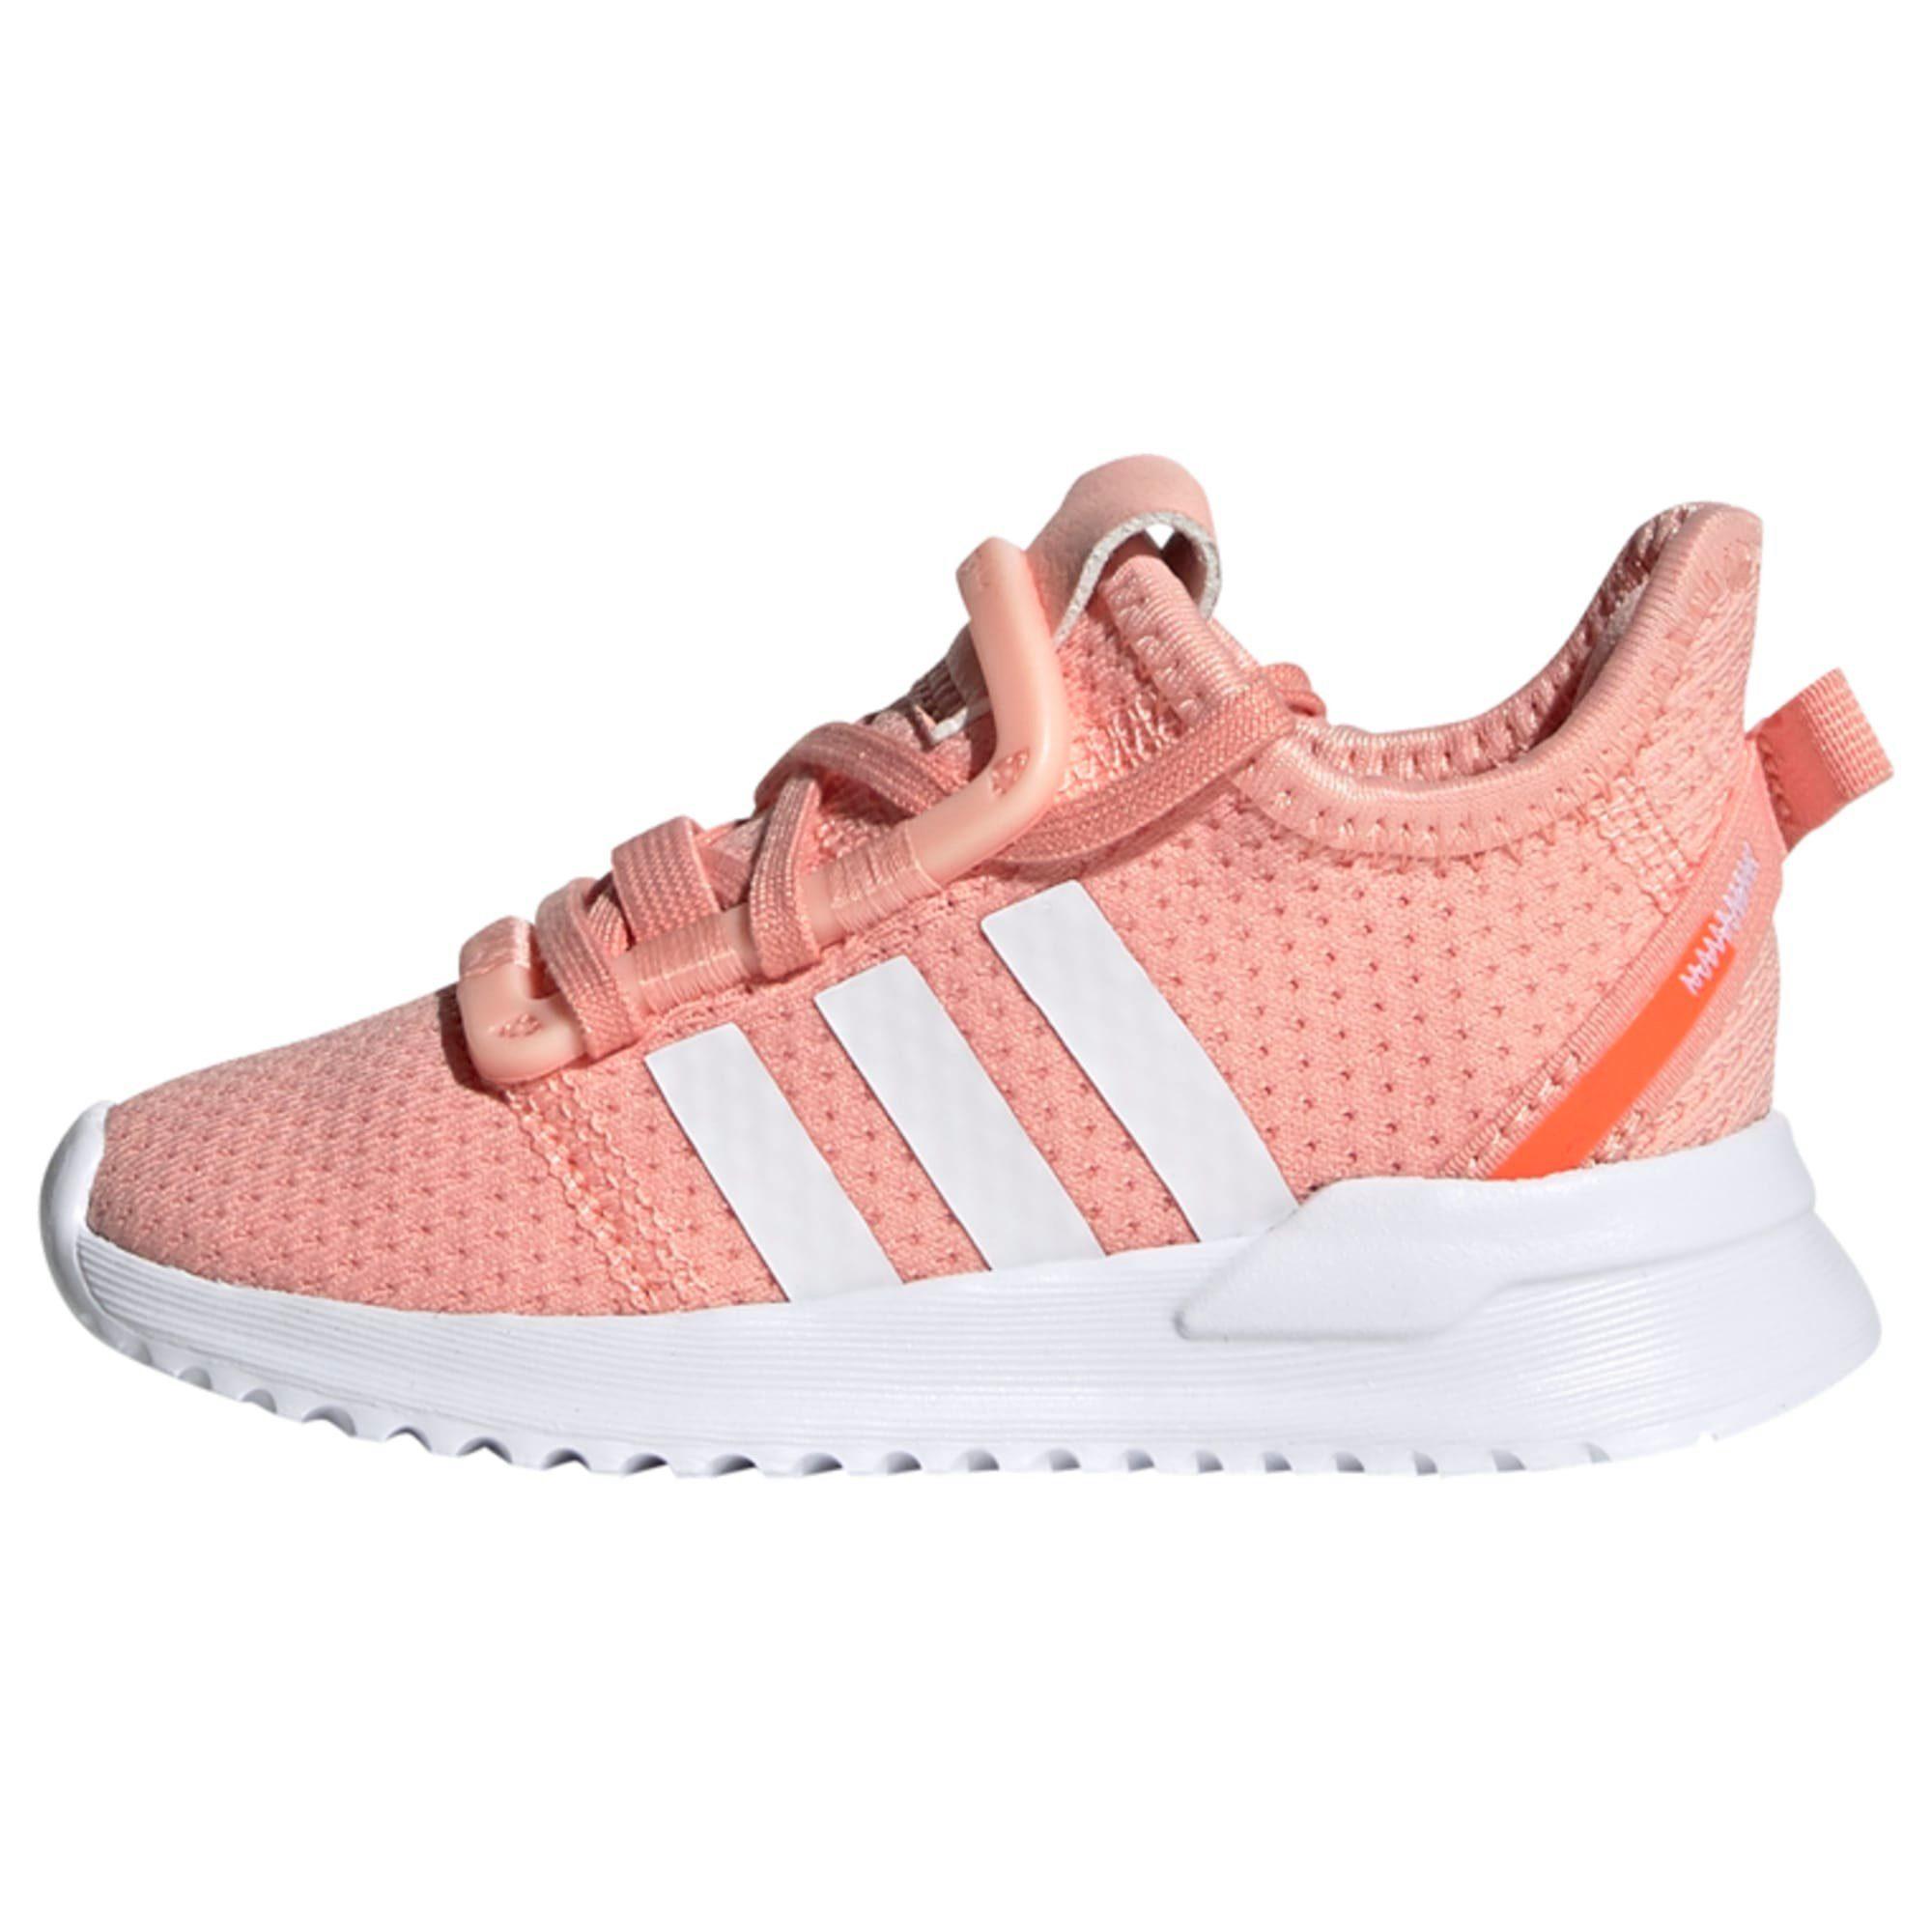 adidas Originals »U_Path Run Schuh« Sneaker kaufen | OTTO